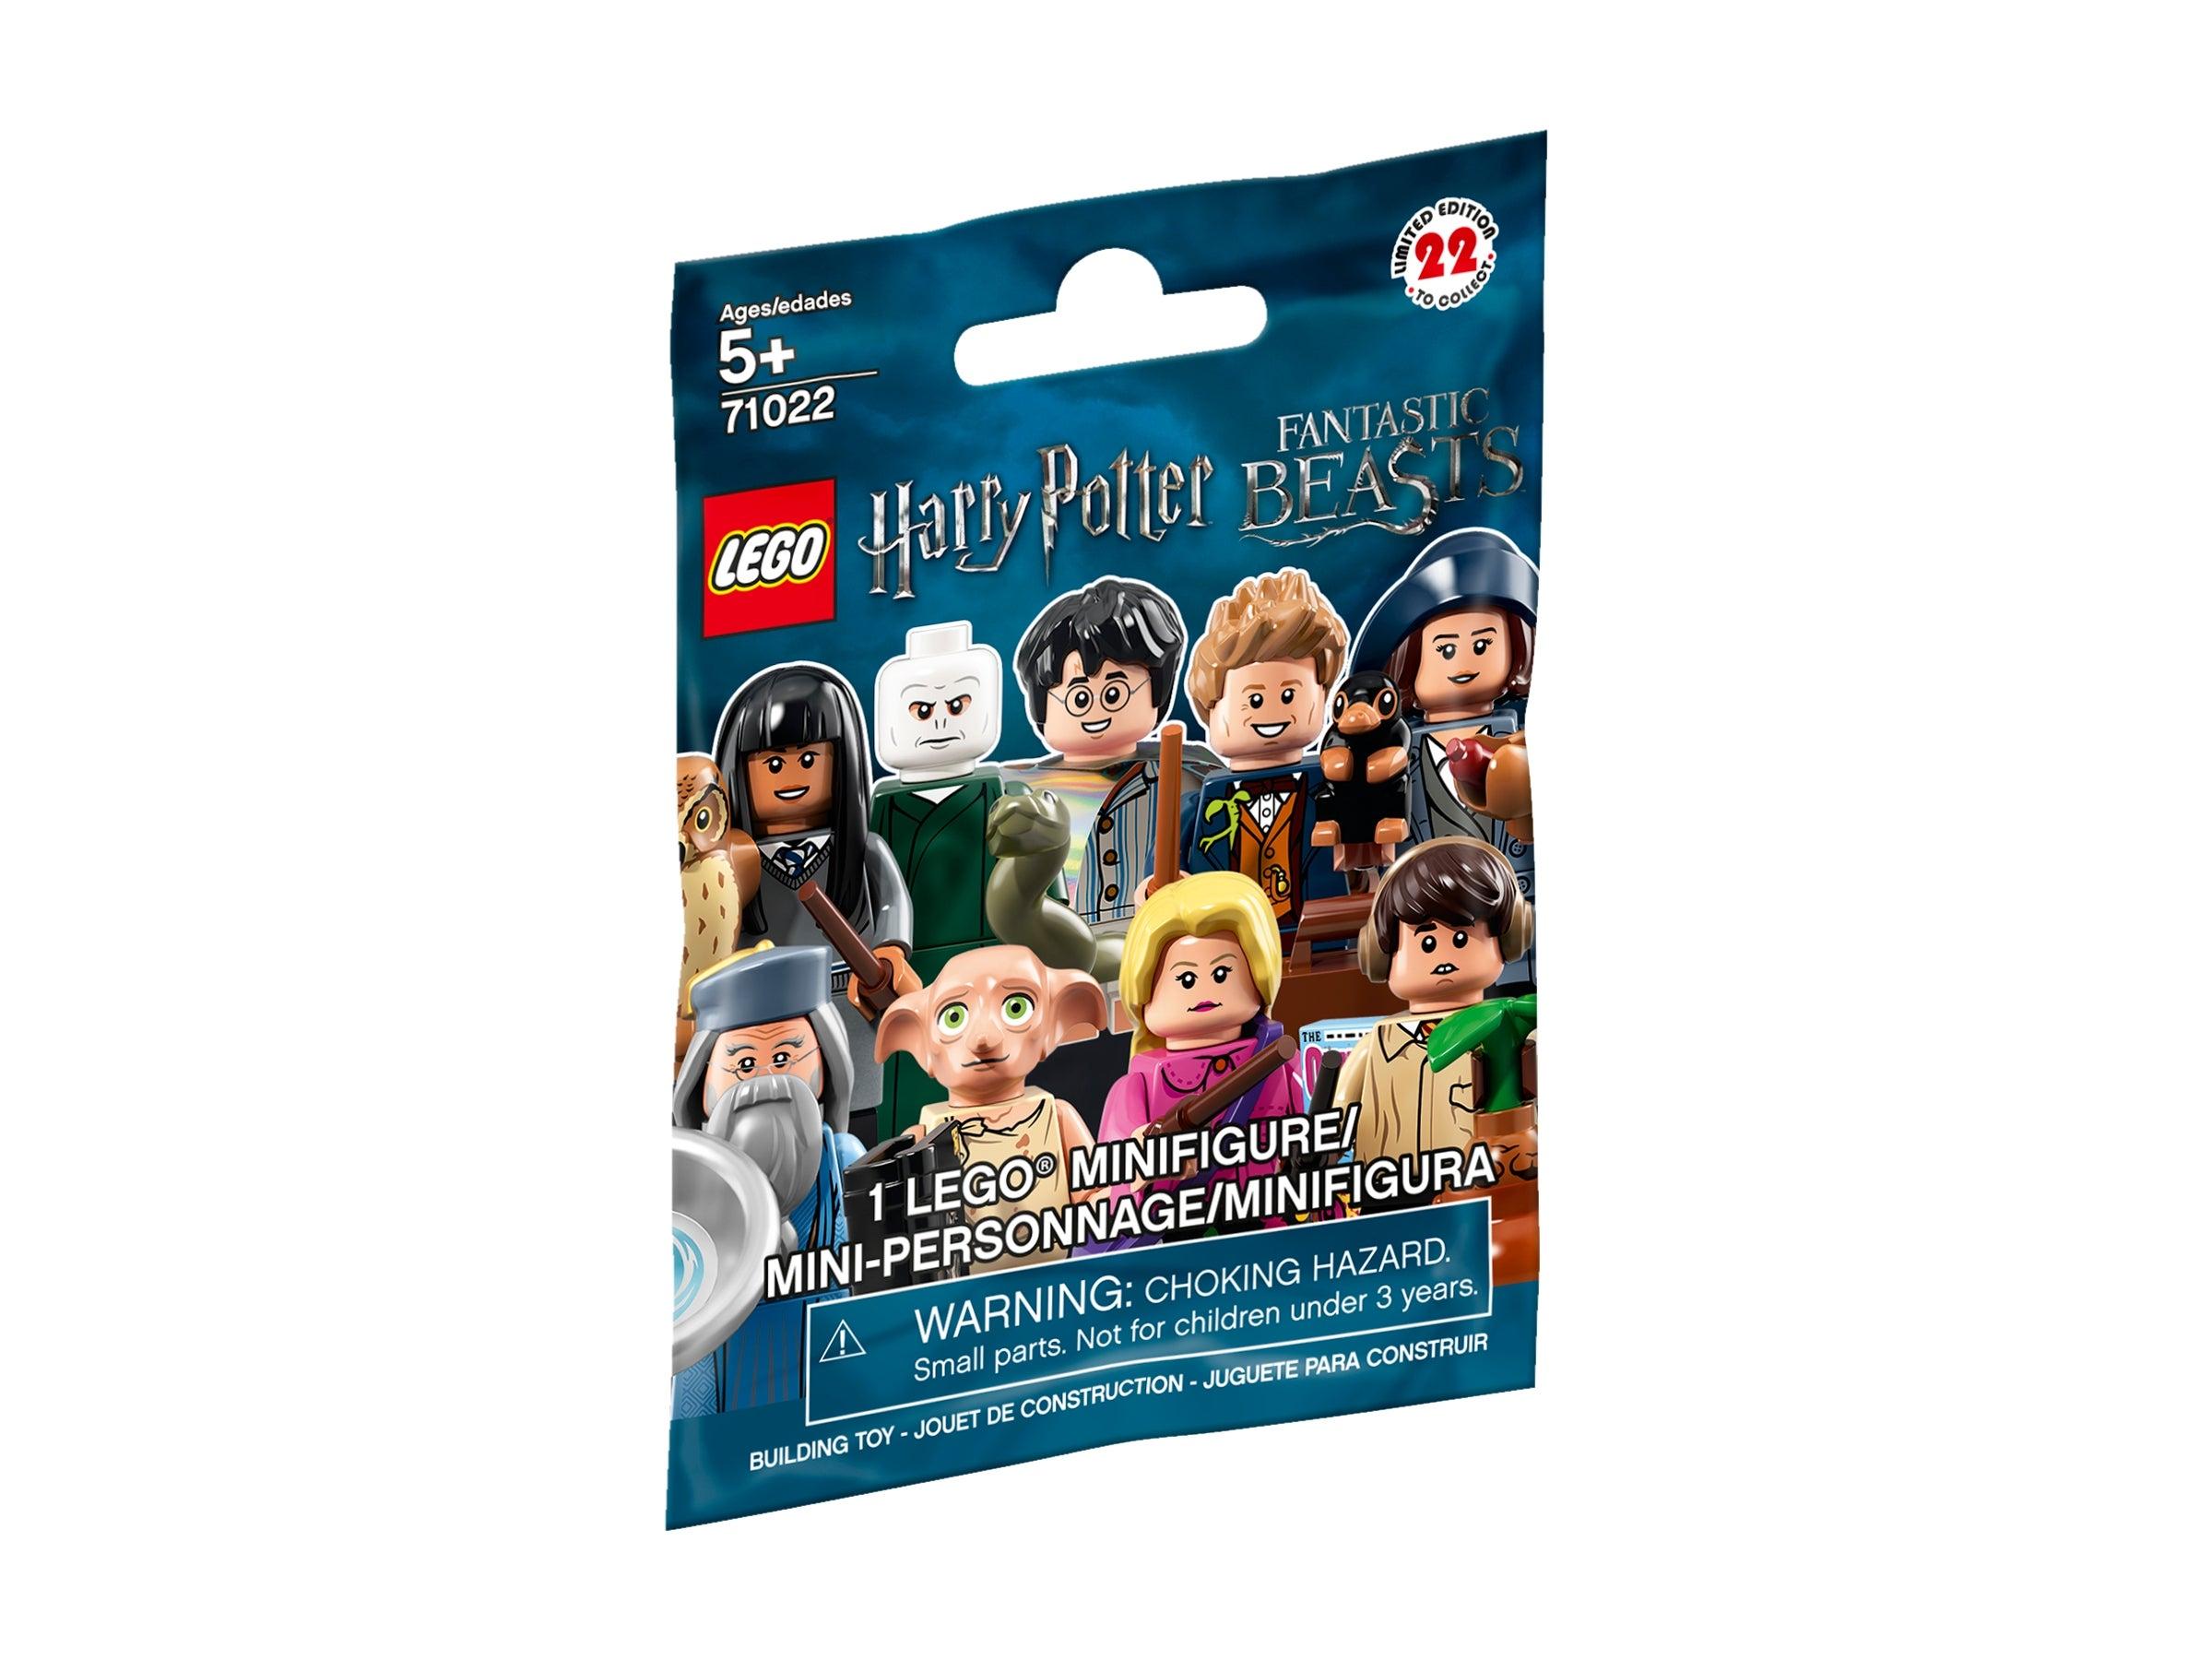 Lego Minifigure Harry Potter 71022 Figurine Numéro 3